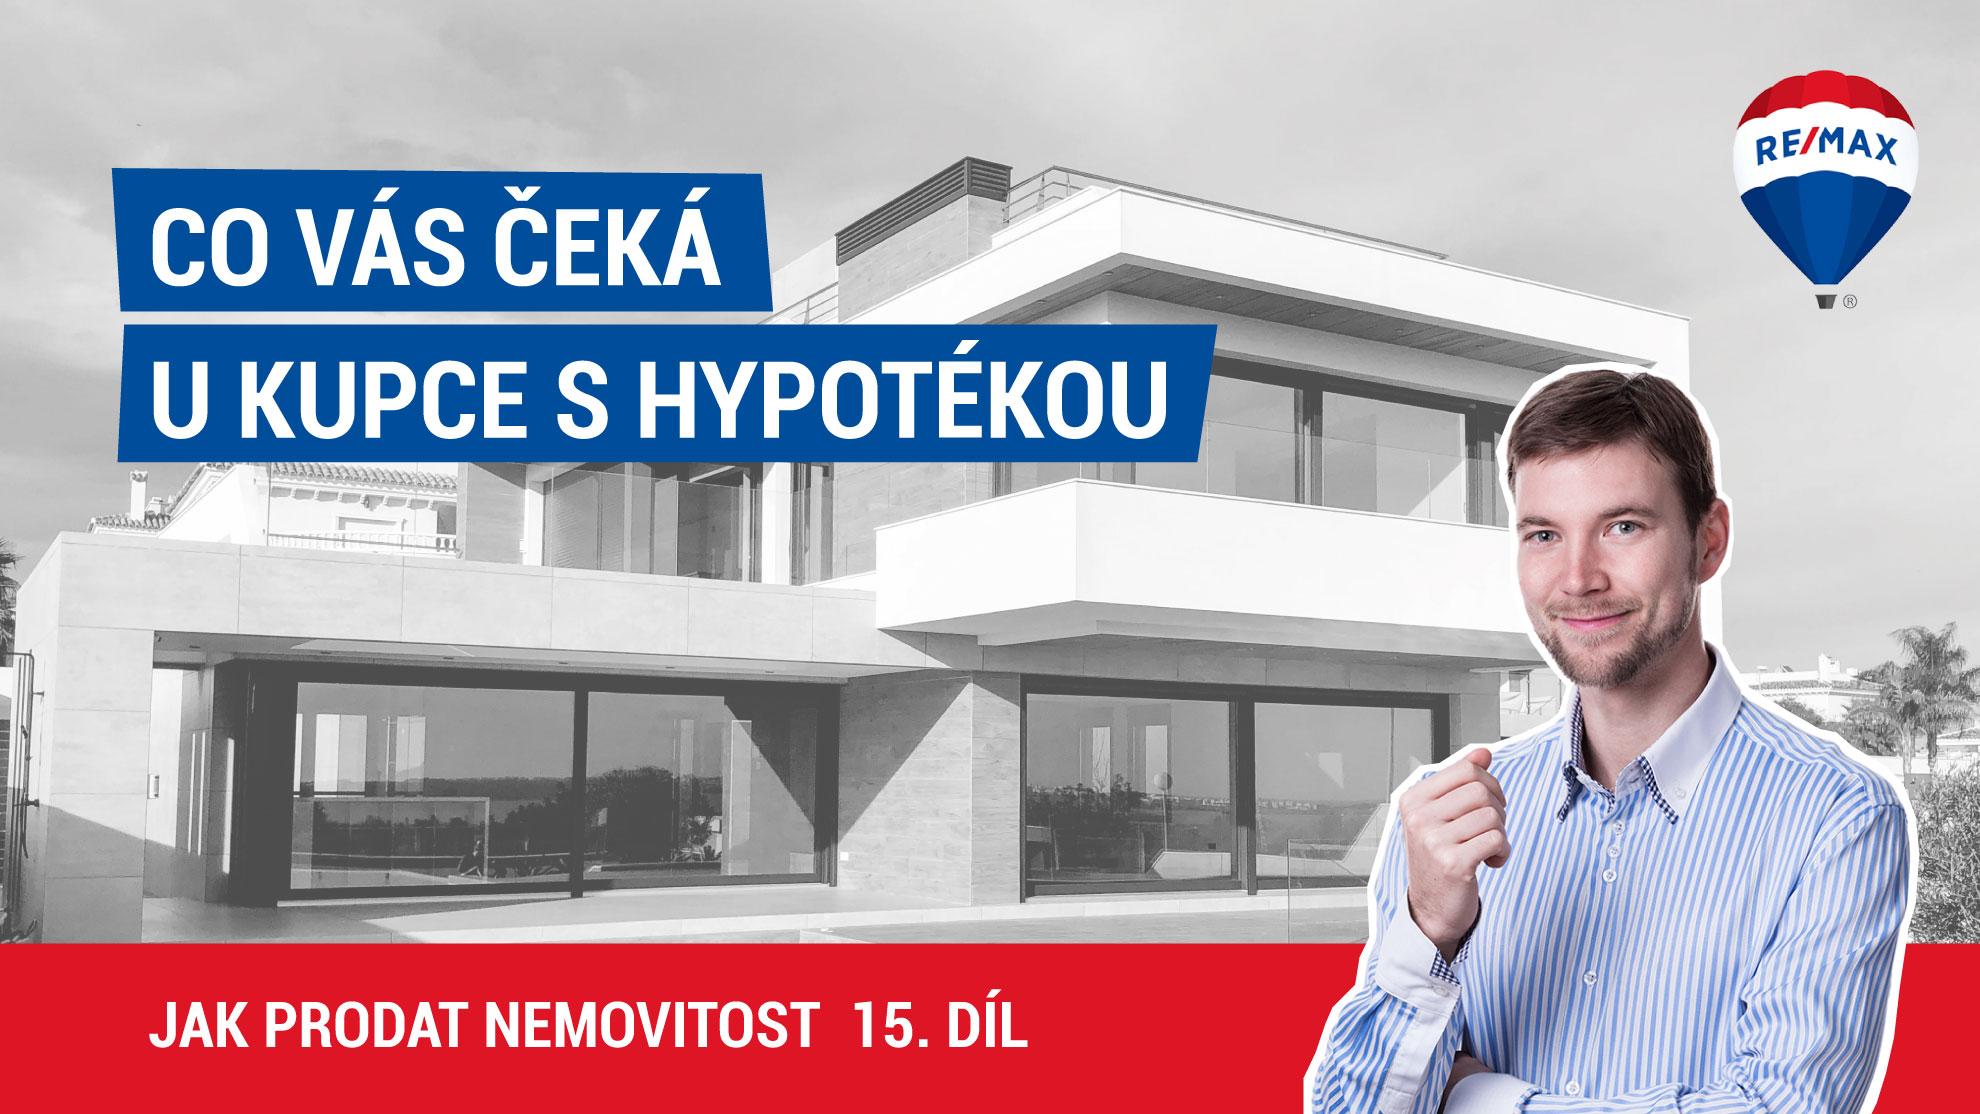 Jak prodat nemovitost 15. díl - Co vás čeká u kupce s hypotékou